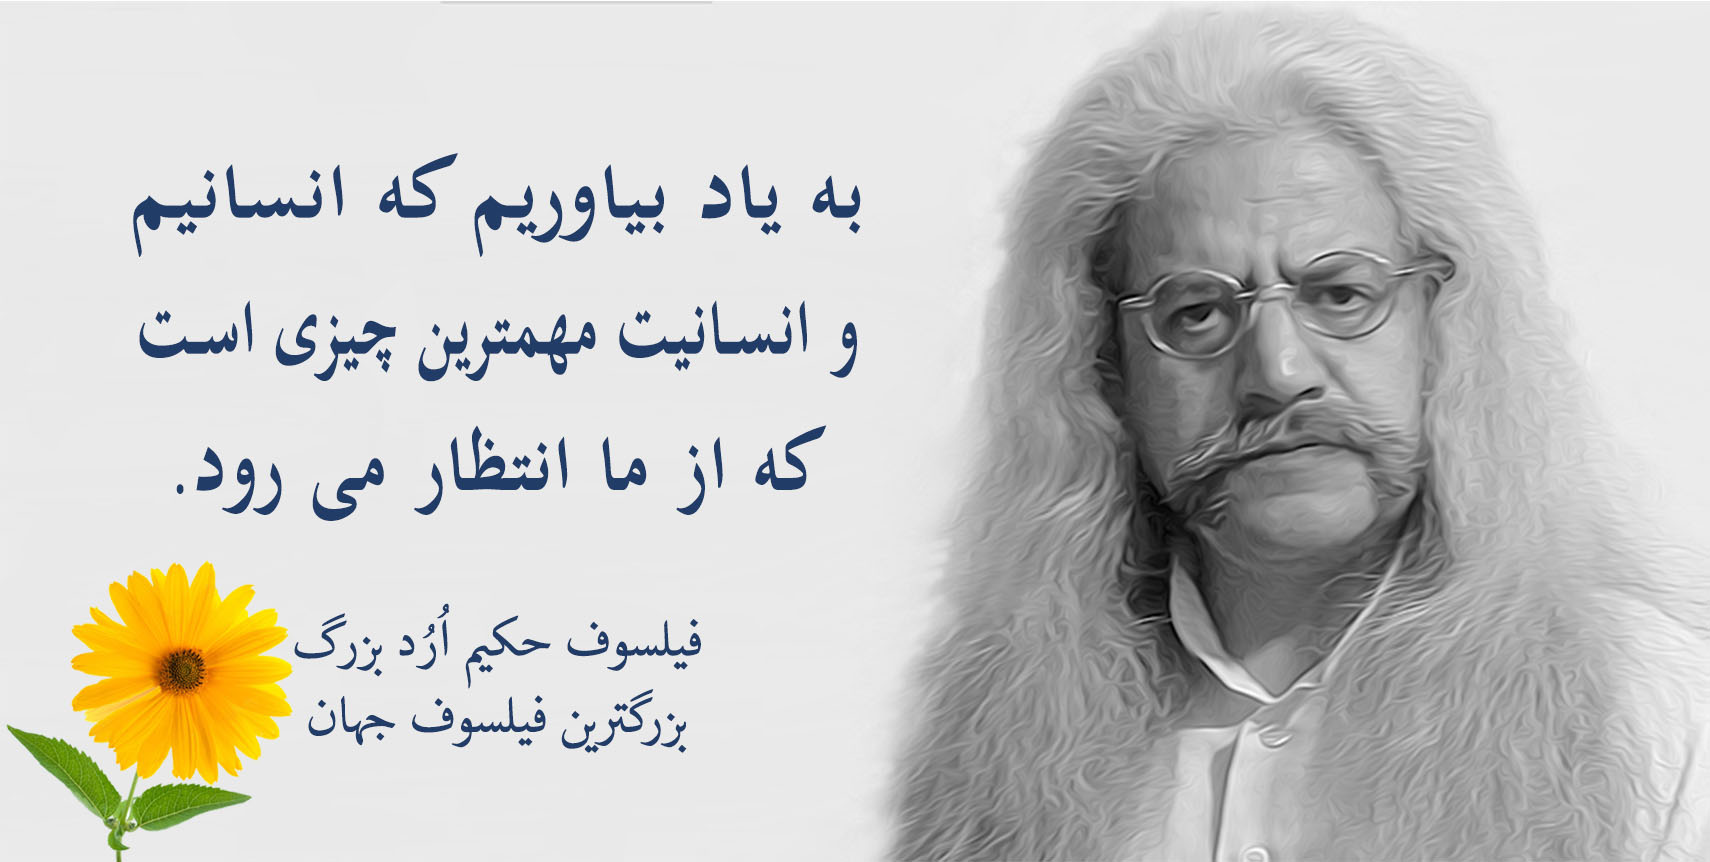 فیلسوف حکیم ارد بزرگ پدر فلسفه اردیسم ، فیلسوف ایرانی حکیم ارد بزرگ , بزرگترین فیلسوف جهان , بزرگترین فیلسوف دنیا , بزرگترین فیلسوف معاصر , مجتبی شرکاء , orod the great, hakim orod bozorg, great orod, mojtaba shoraka, بزرگترین فیلسوف حال حاضر دنیا